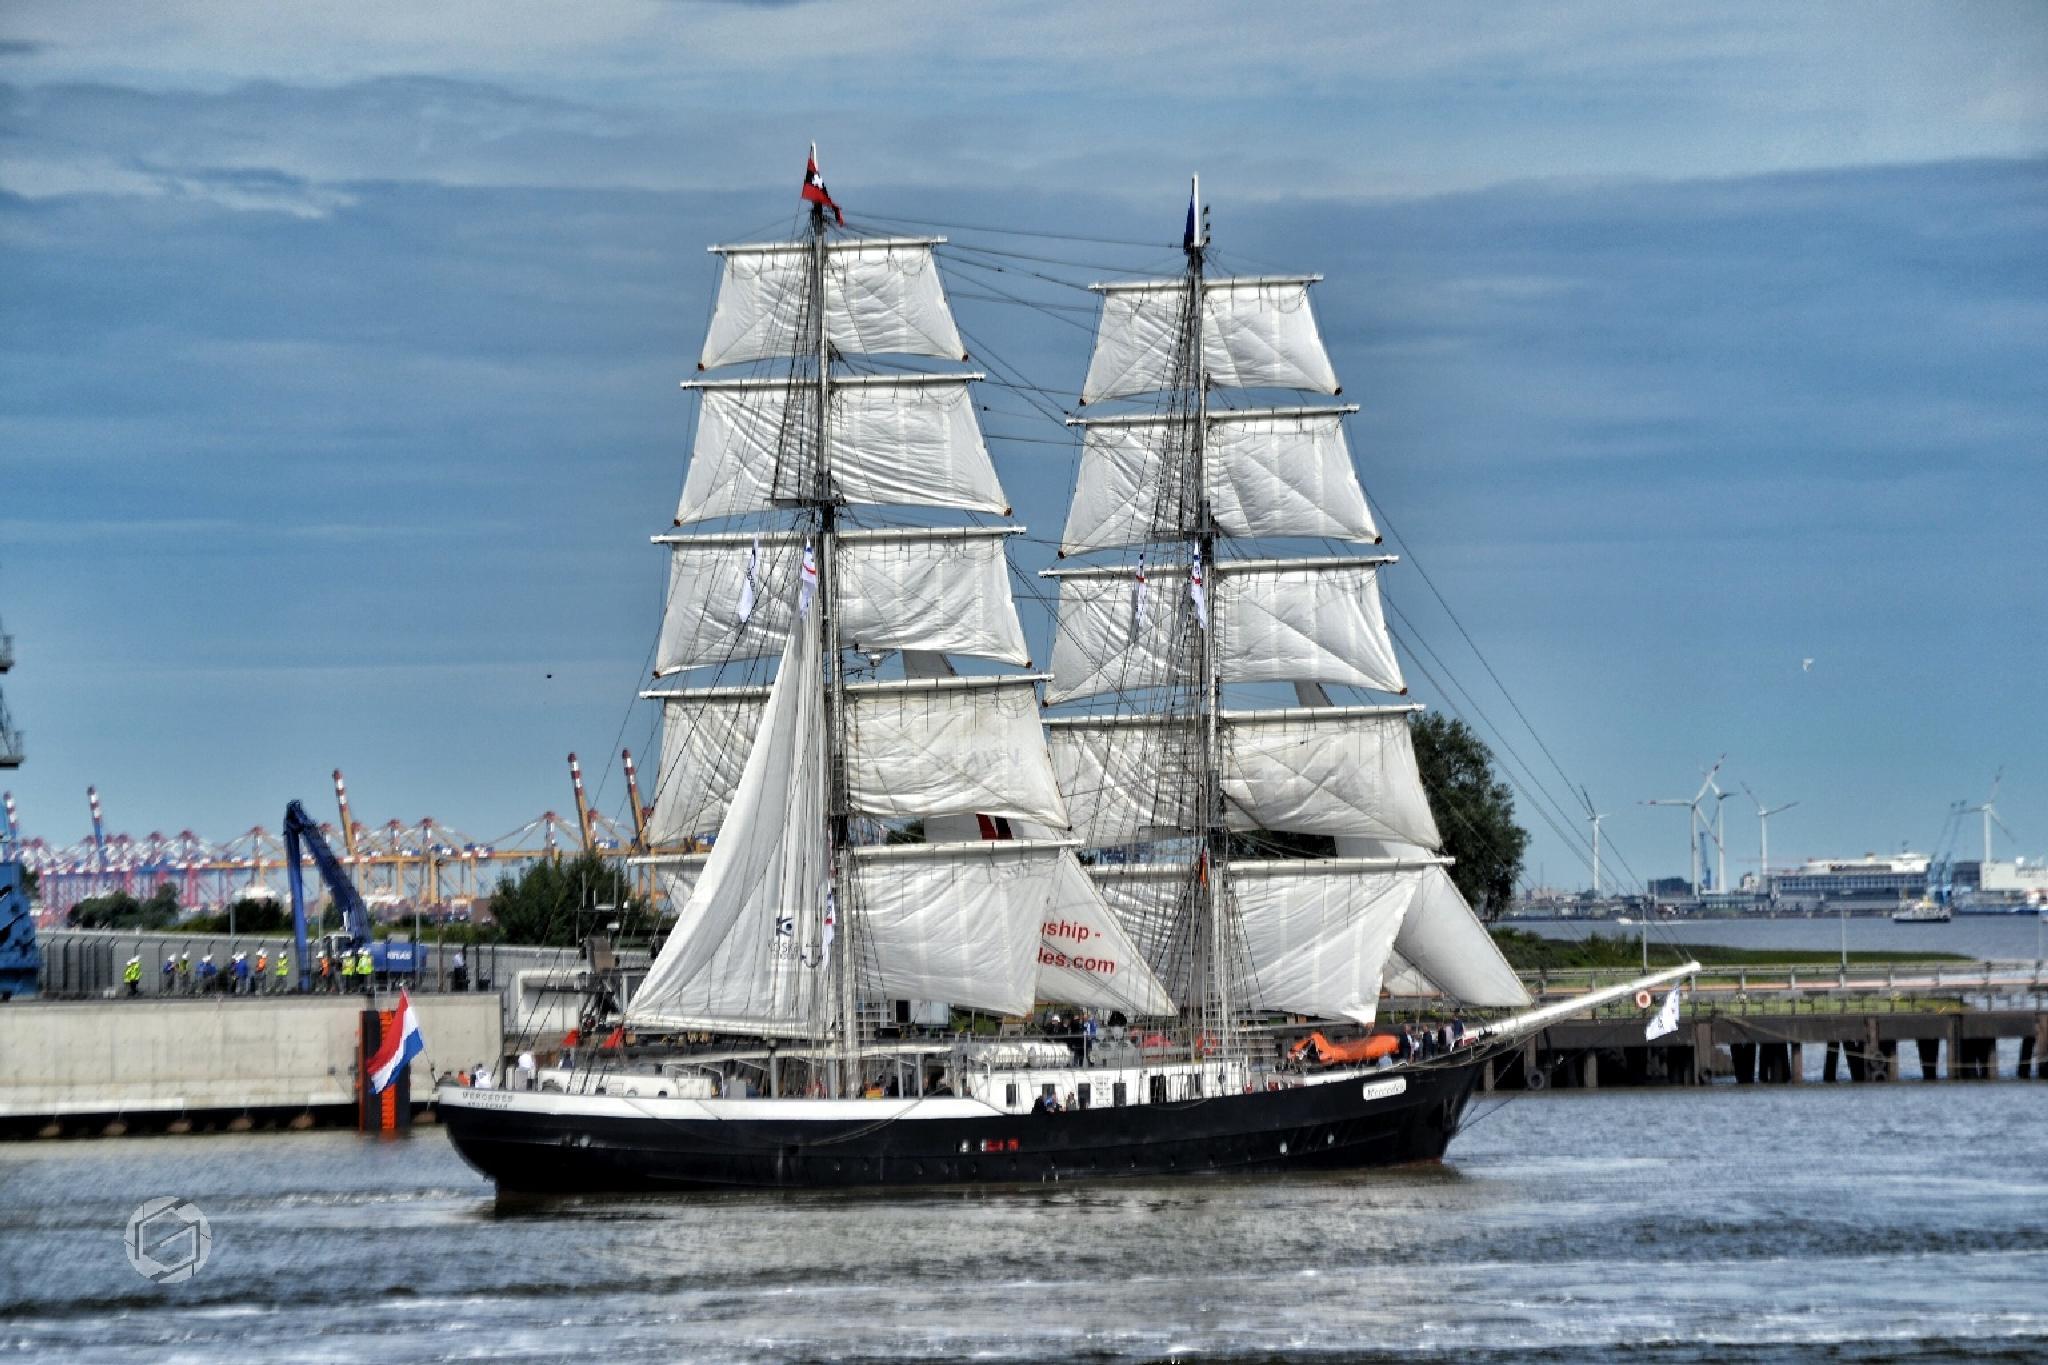 Sailship by Sebastian Gebeyehou